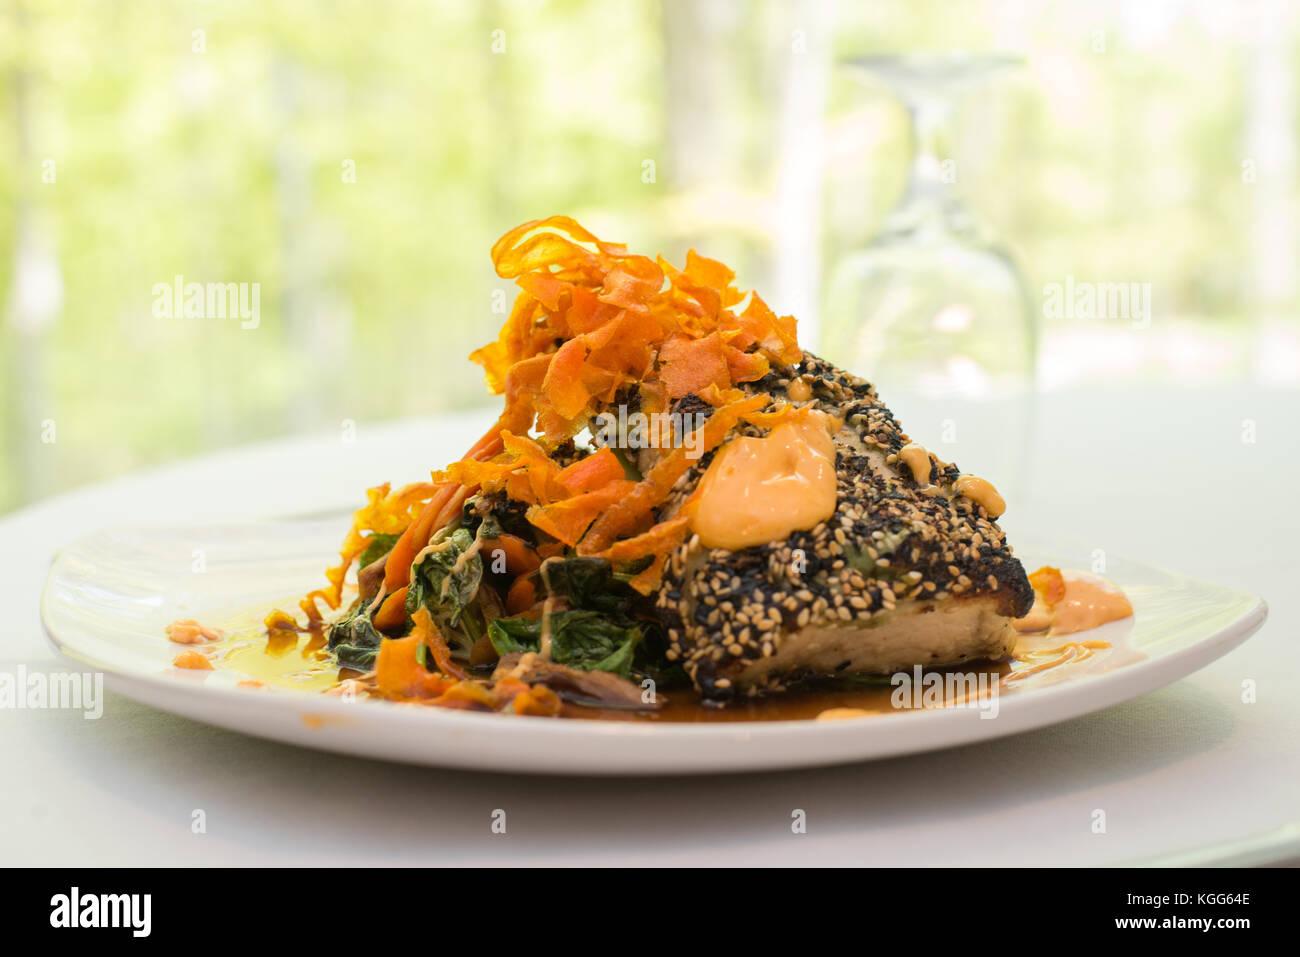 Verkrustete Fisch auf einer Platte für ein Restaurant vorgestellt. Stockbild